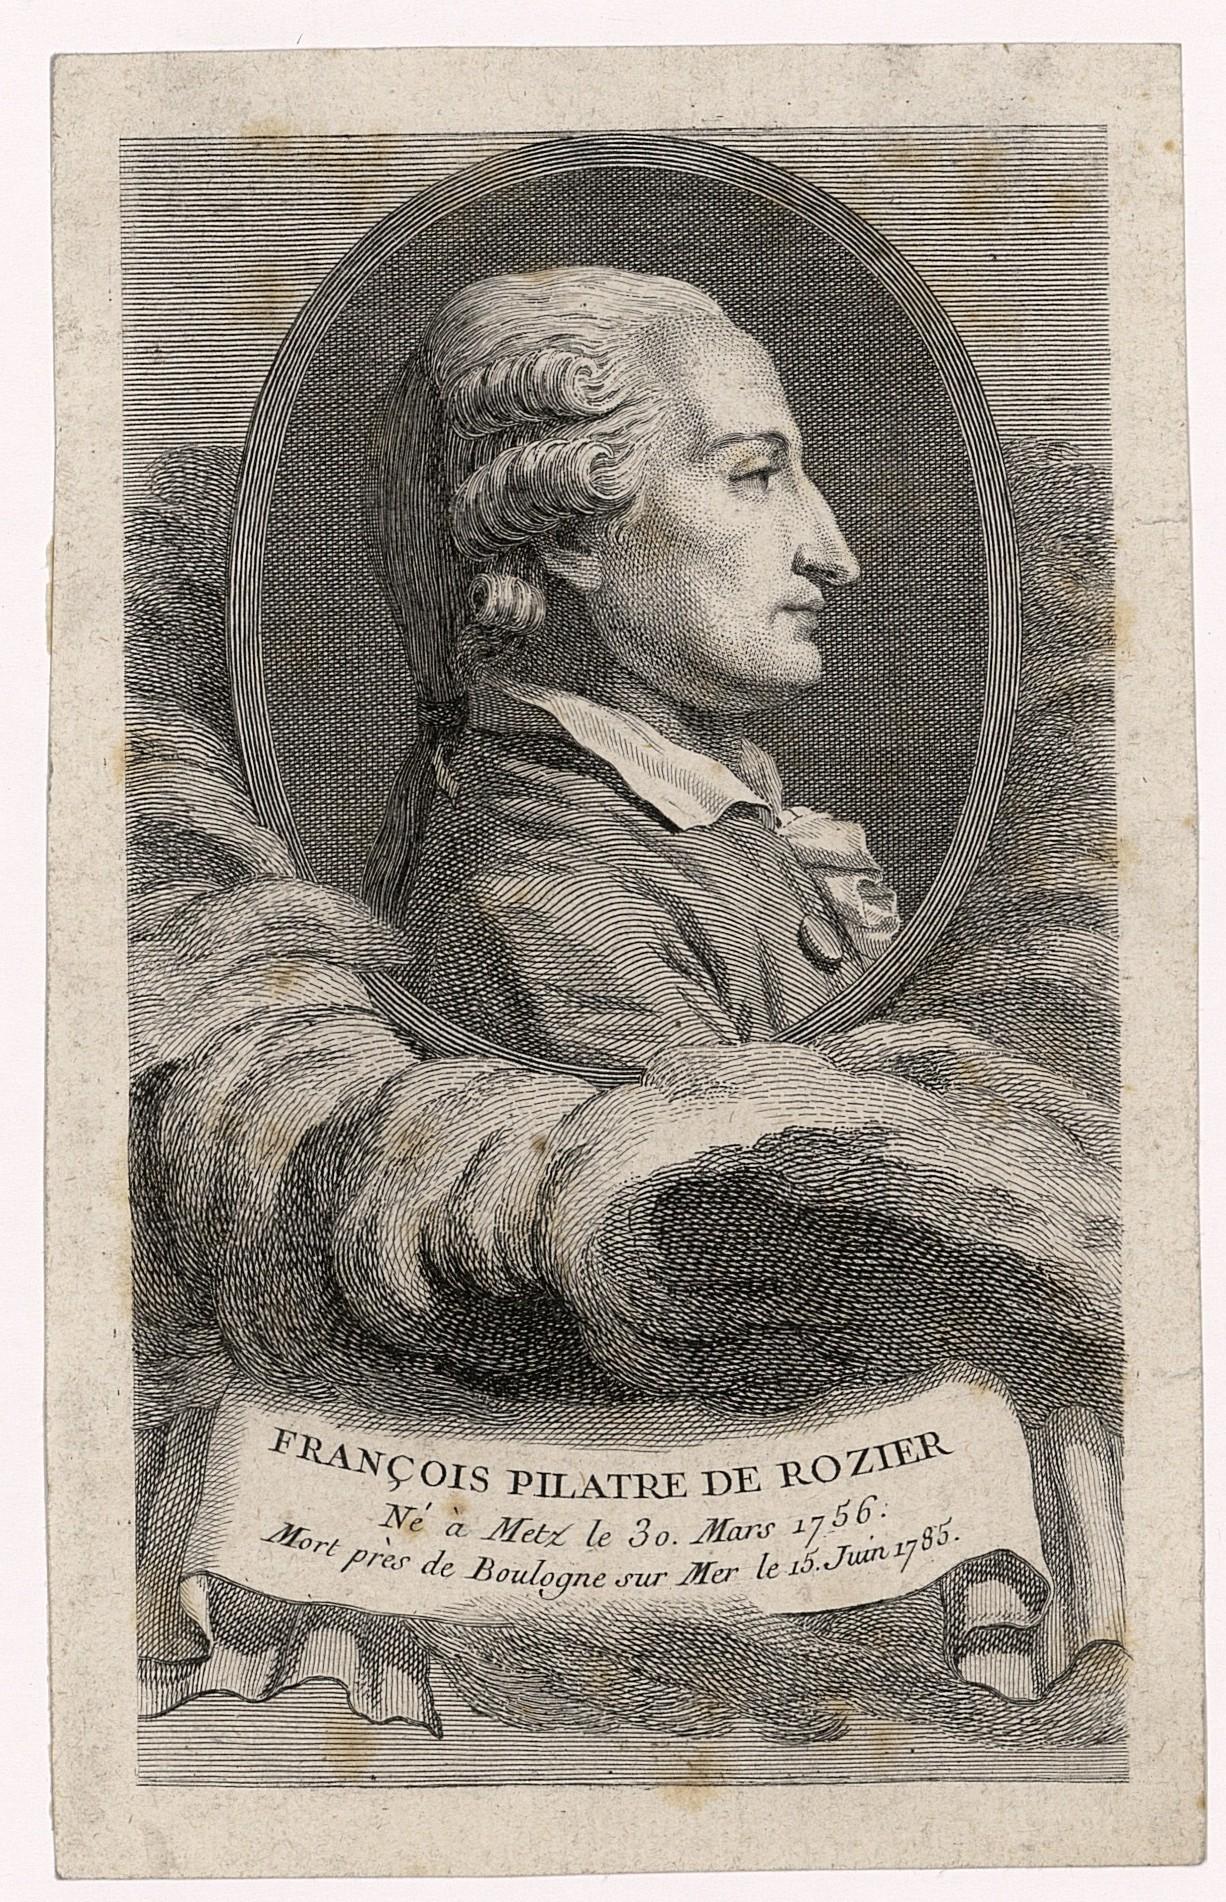 Contenu du François Pilatre de Rozier